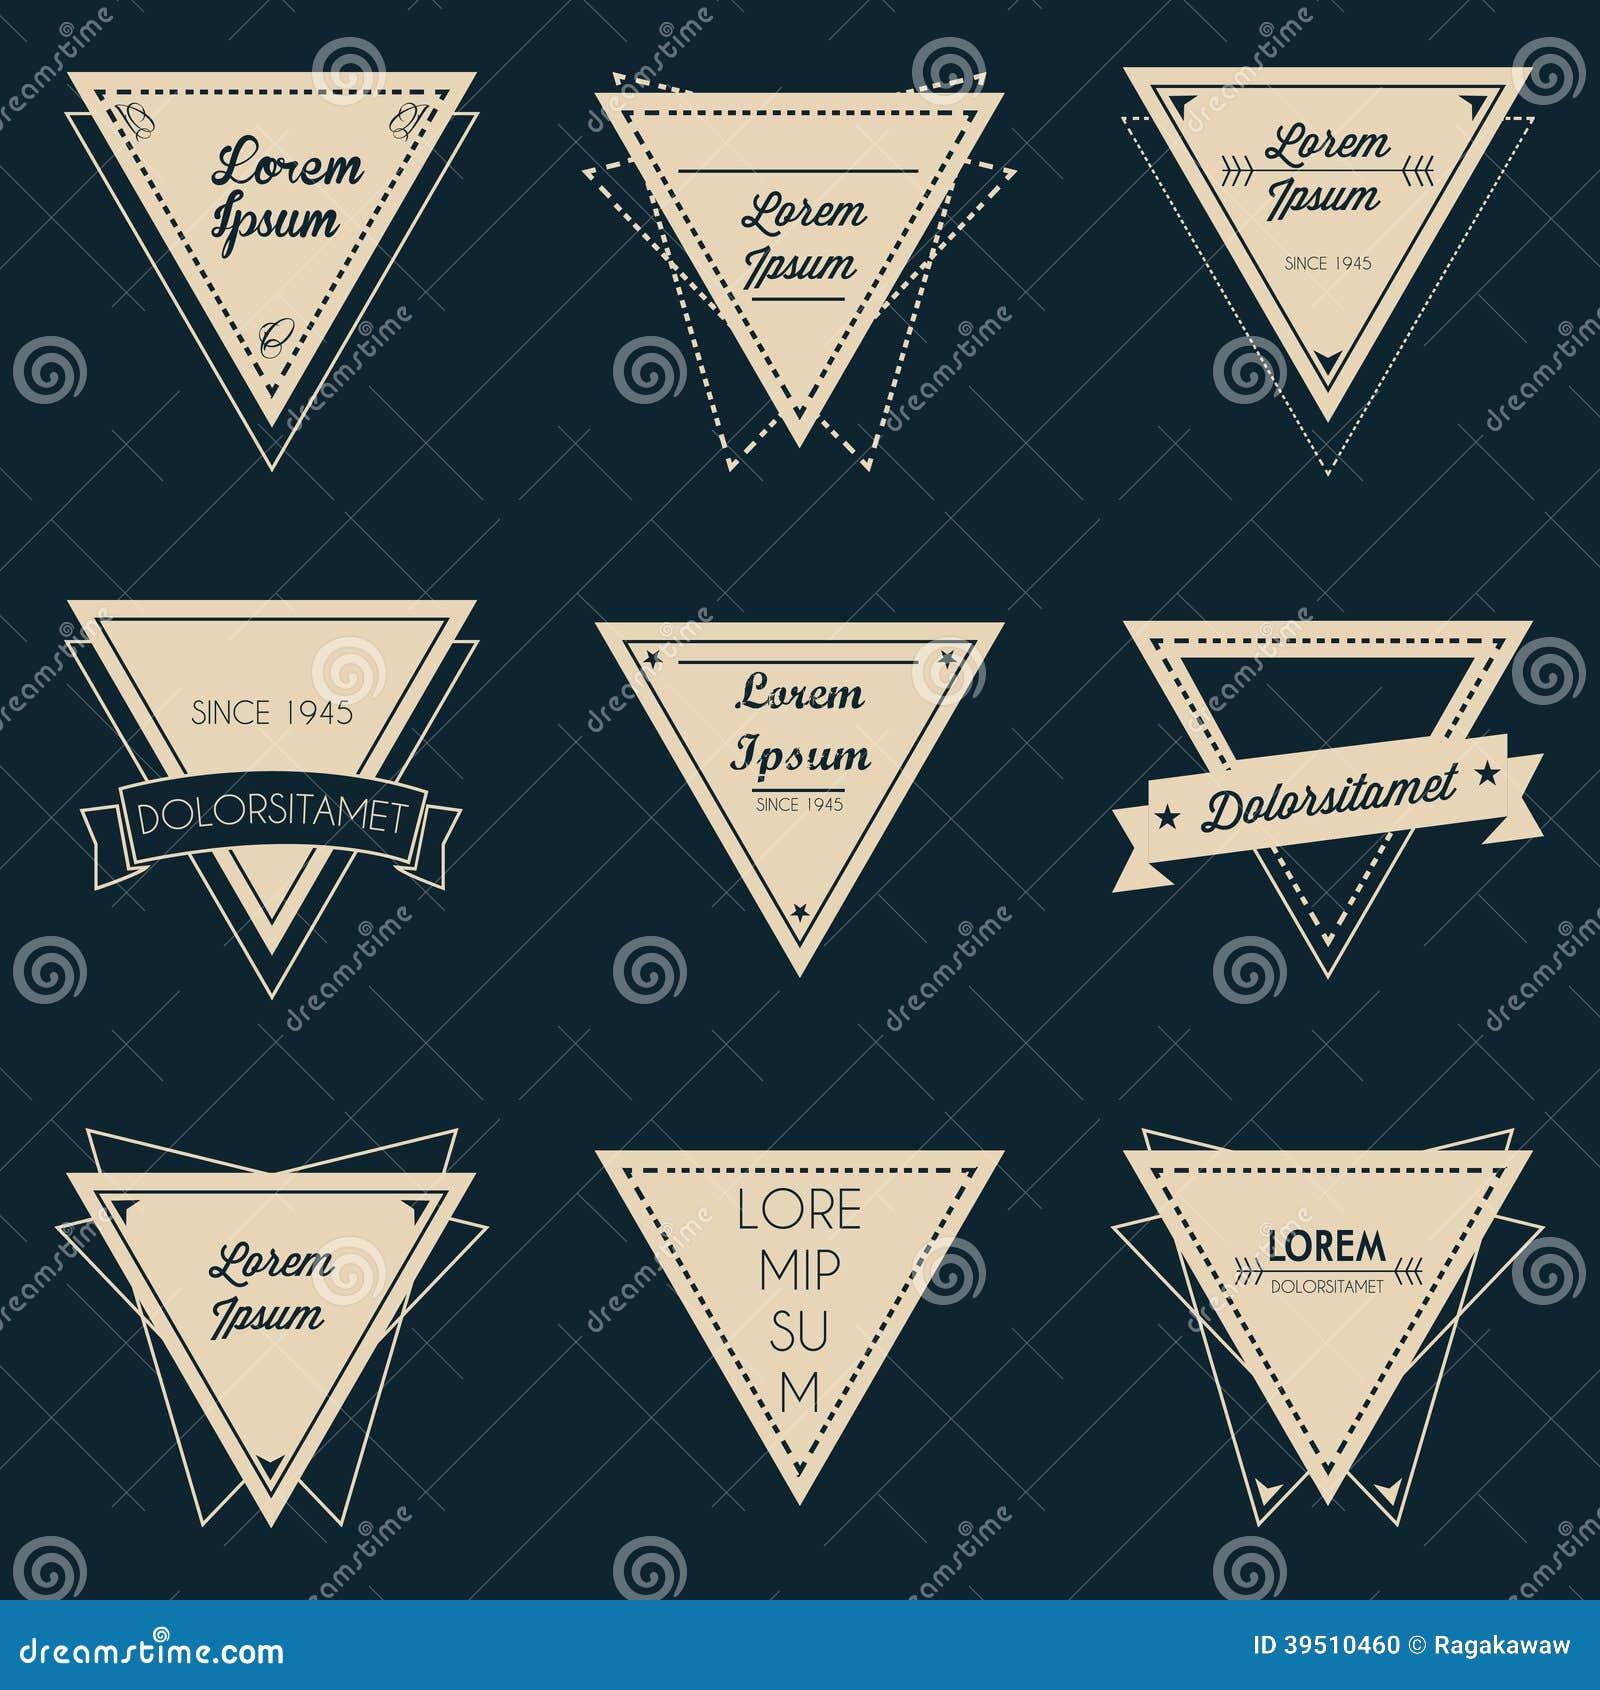 Triangle Vintage Label Set